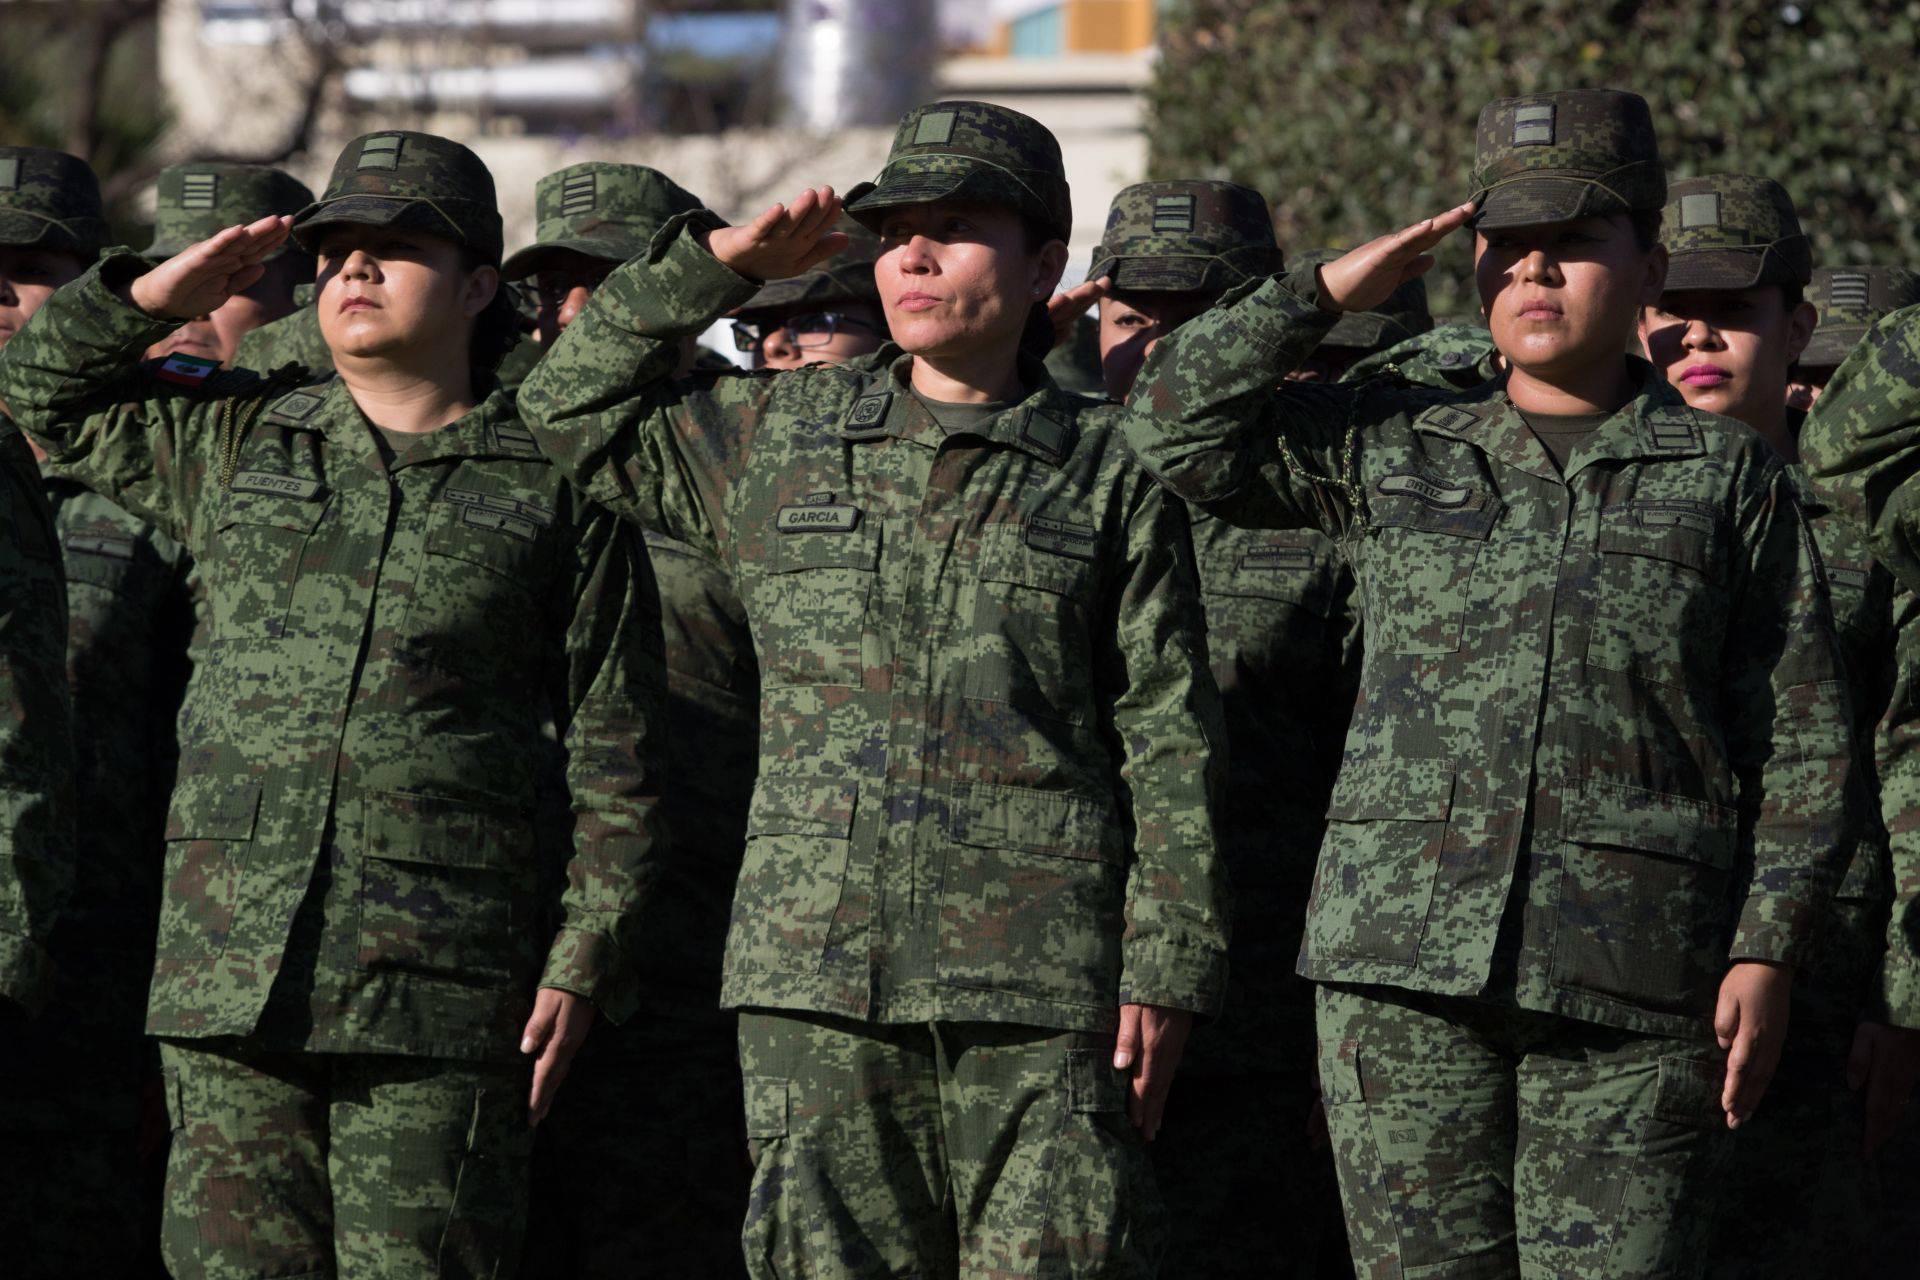 La Secretaría de la Defensa Nacional (Sedena) está buscando mujeres que deseen unirse a las filas de las fuerzas armadas de México en el área médica.